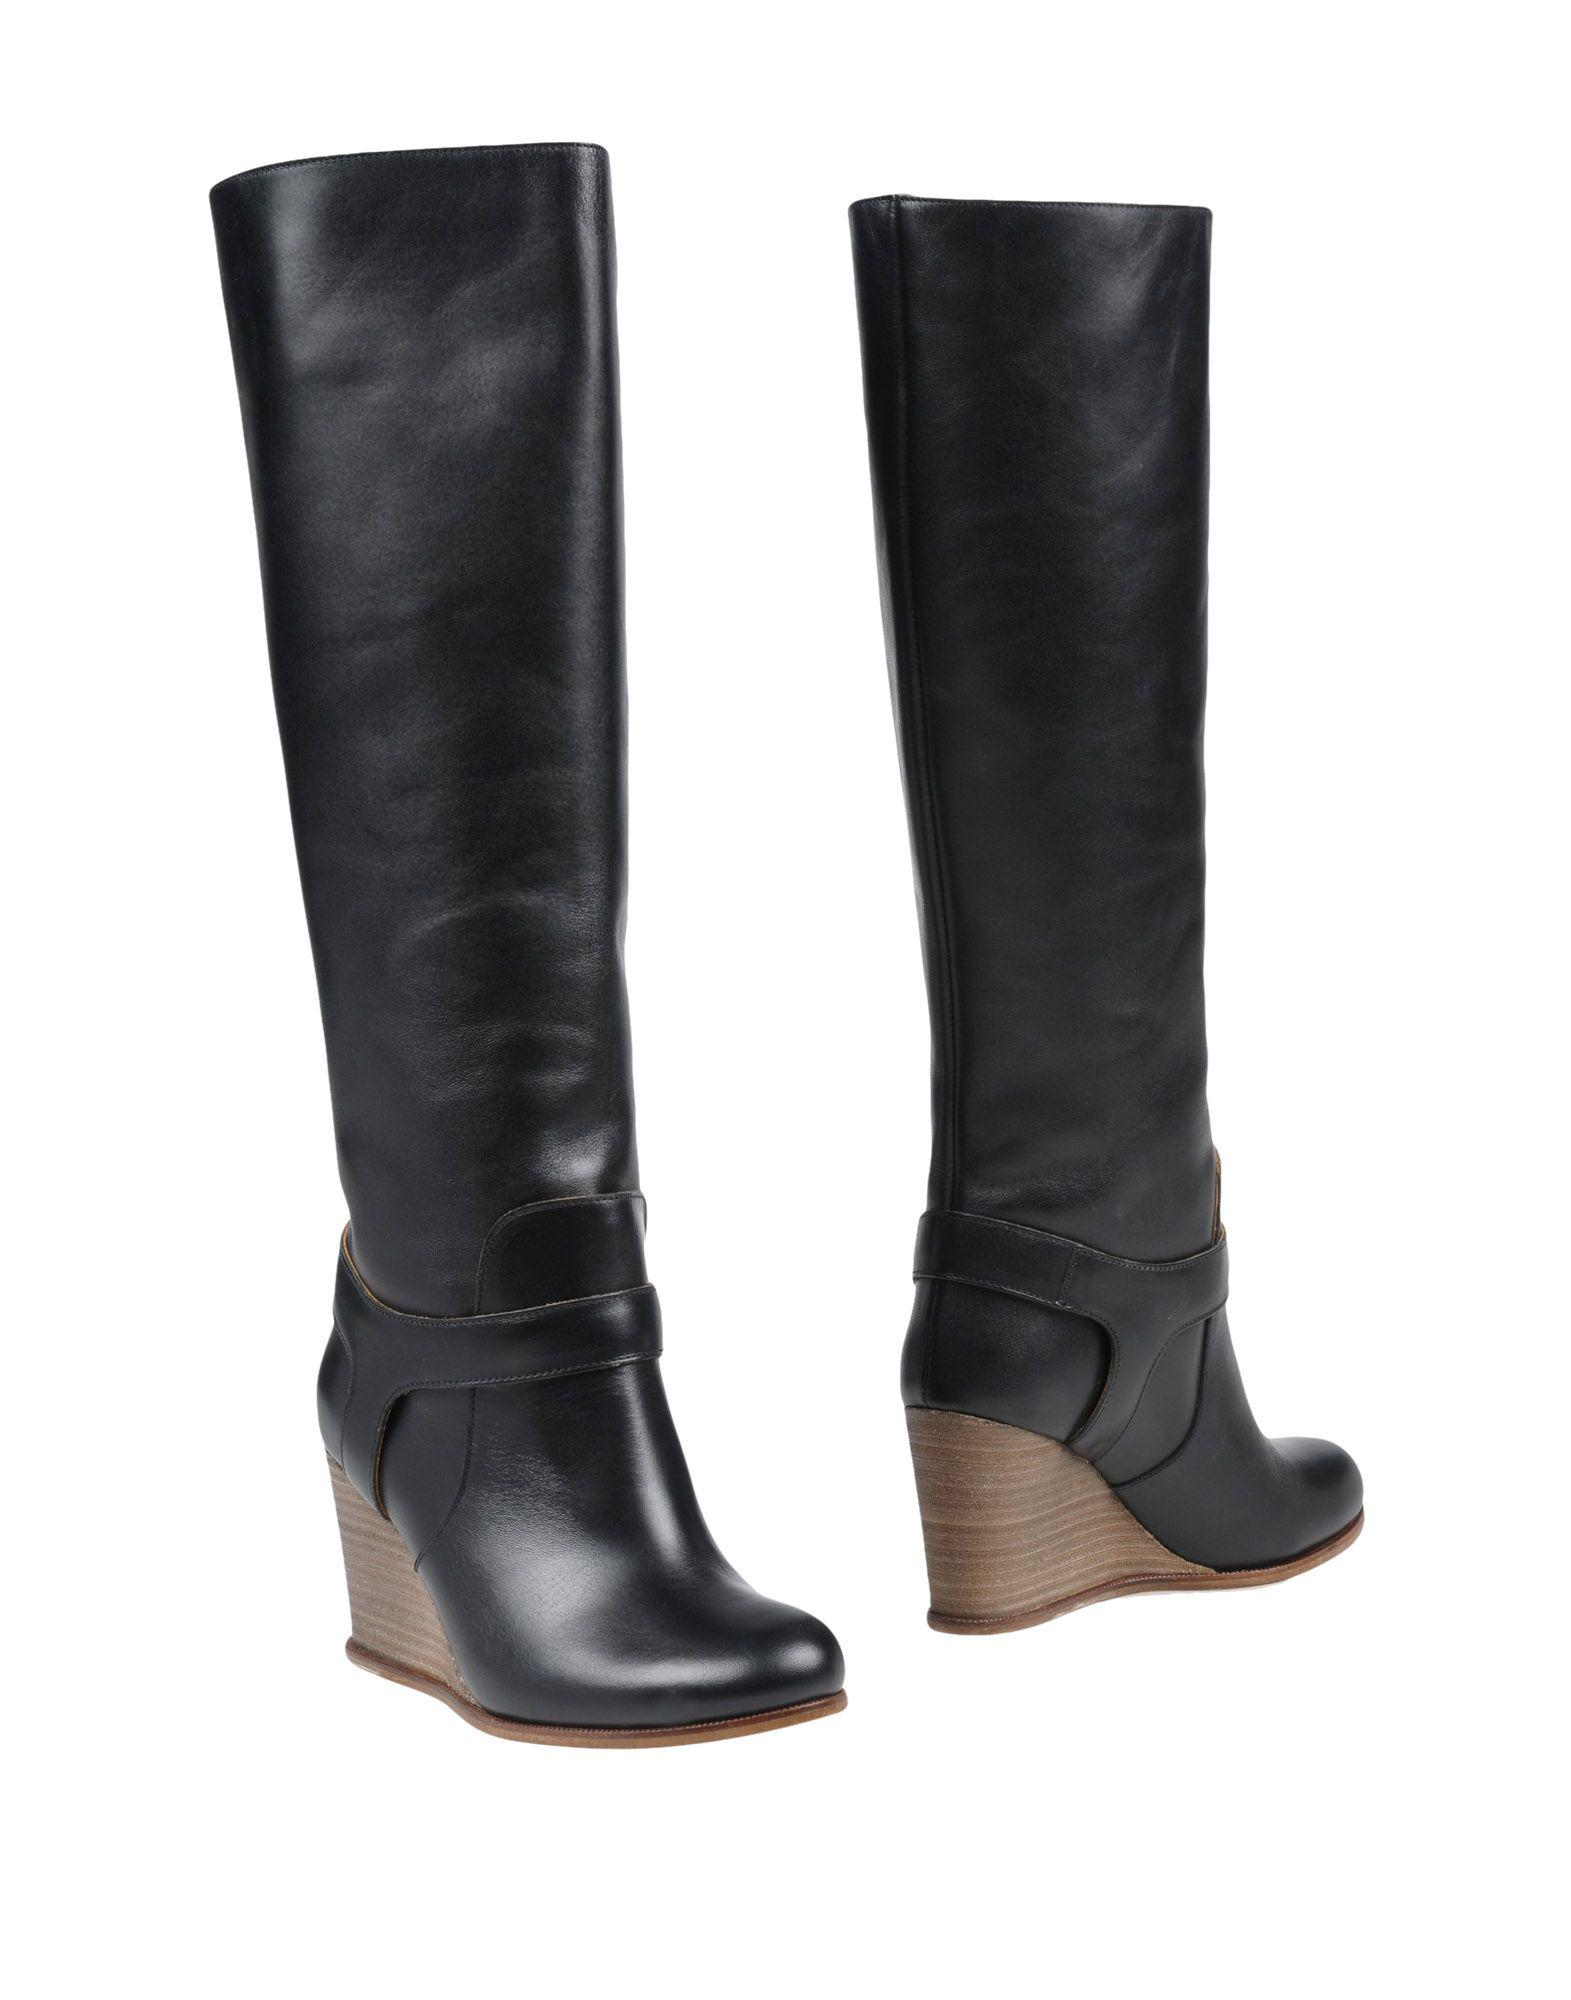 Mm6 Maison Neue Margiela Stiefel Damen  11420370DJ Neue Maison Schuhe 148762